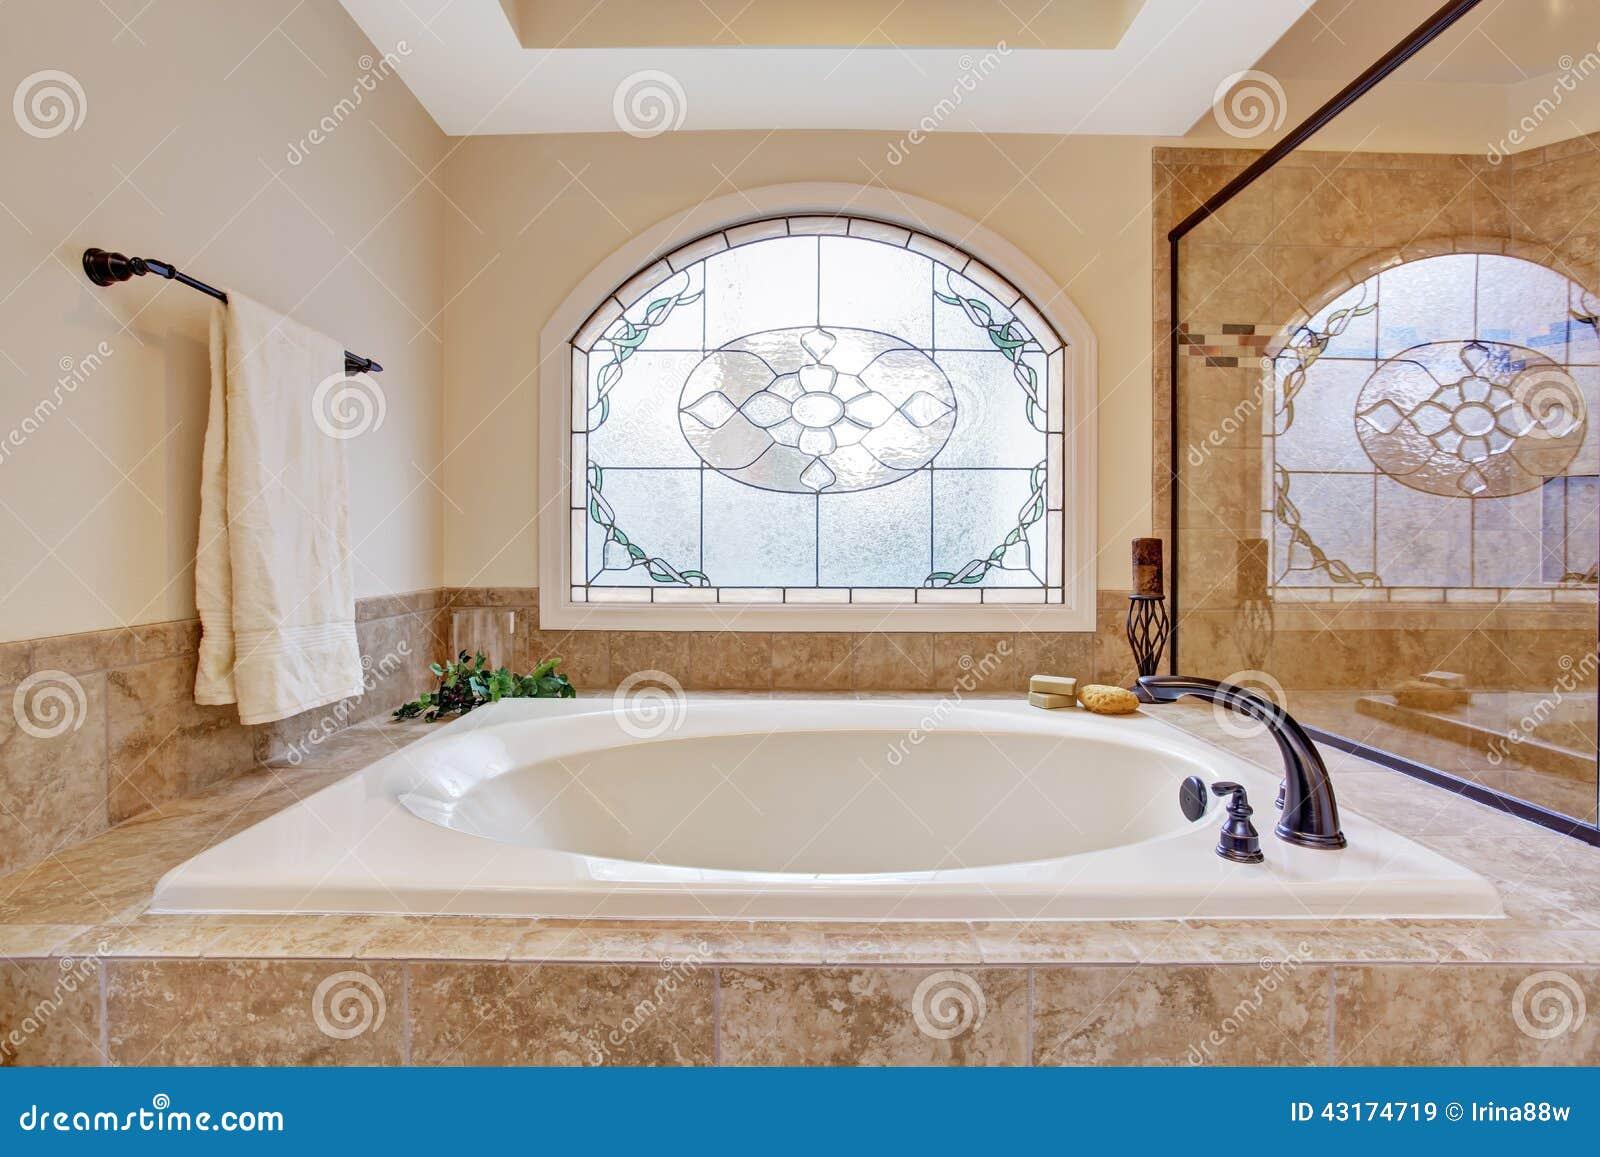 Bella vasca da bagno in bagno di lusso fotografia stock - Vasche da bagno di lusso ...